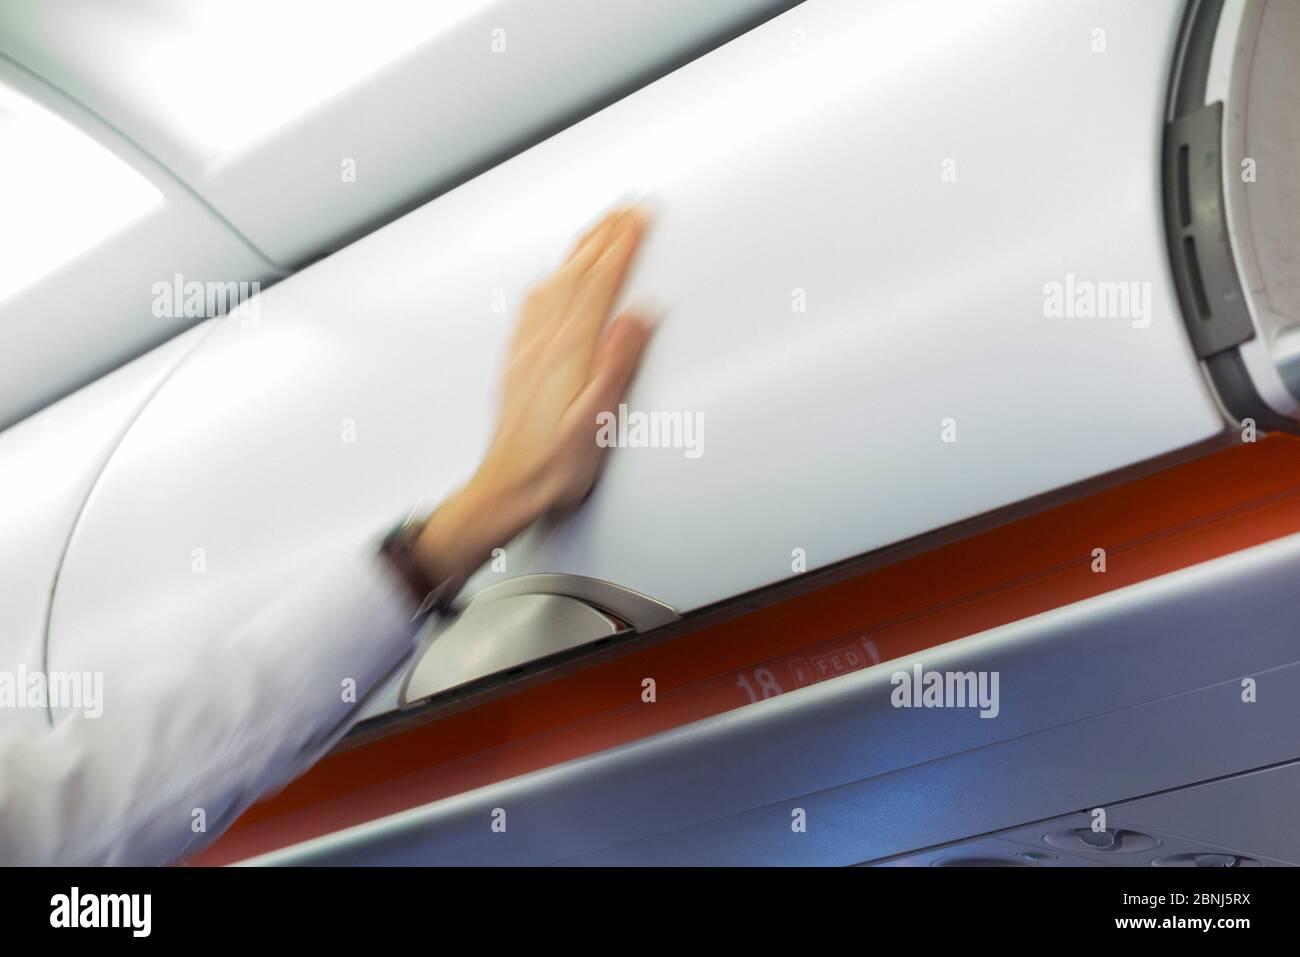 El miembro del asistente de vuelo de la tripulación de cabina cierra el avión aéreo sobre el depósito de equipaje / casilleros / compartimentos / puerta que contiene las bolsas de mano de los pasajeros. (115) Foto de stock